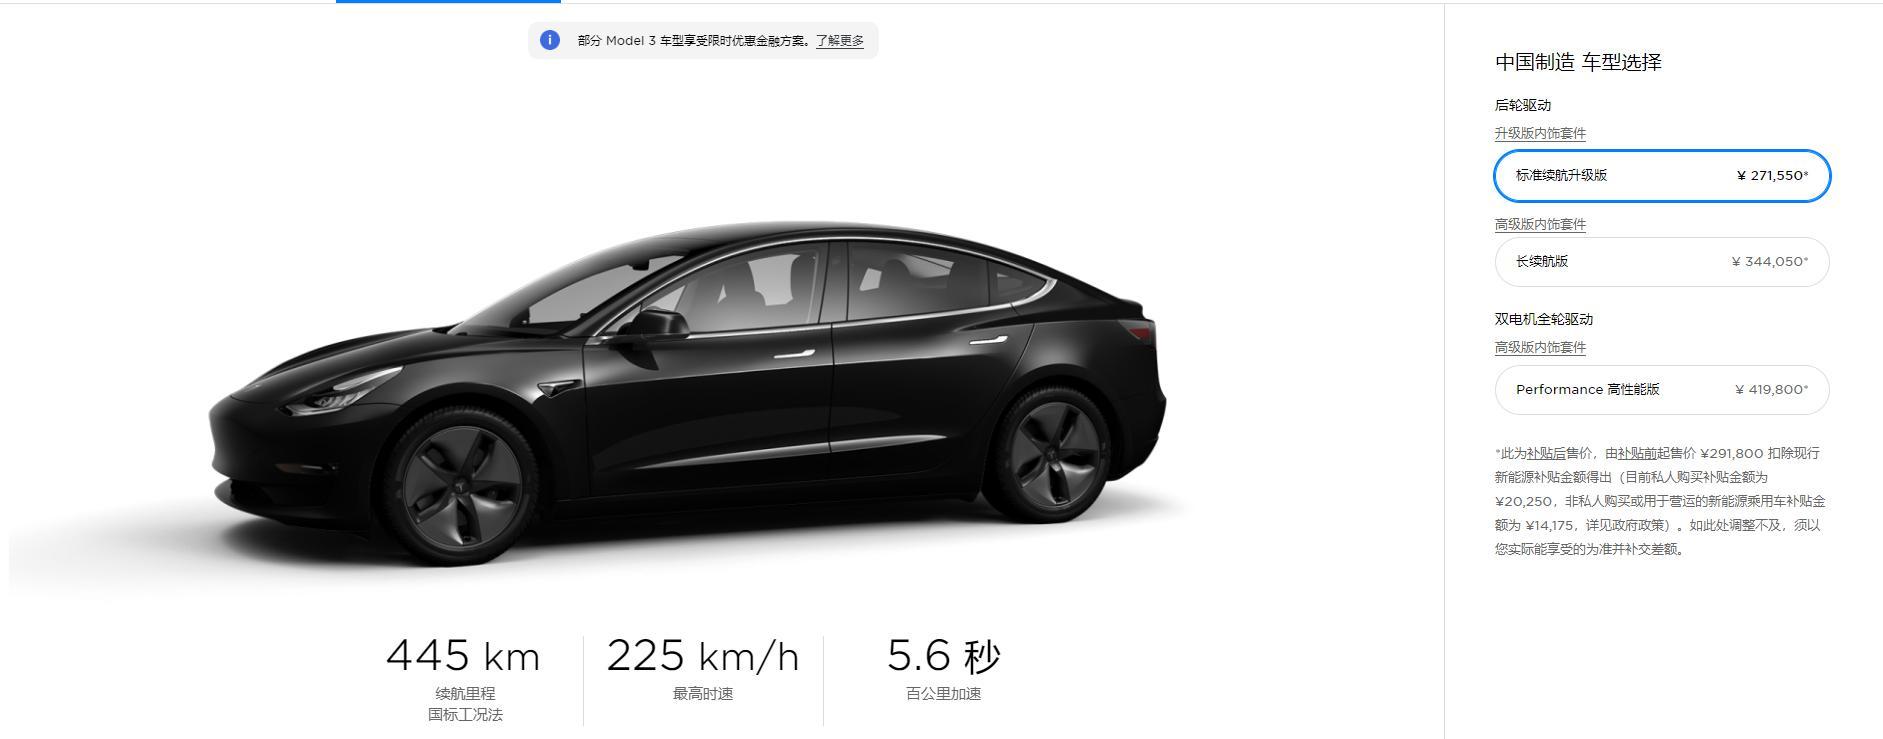 特斯拉官方:Model 3标准续航升级版售价调整为29万元,补贴后售价27.155万元